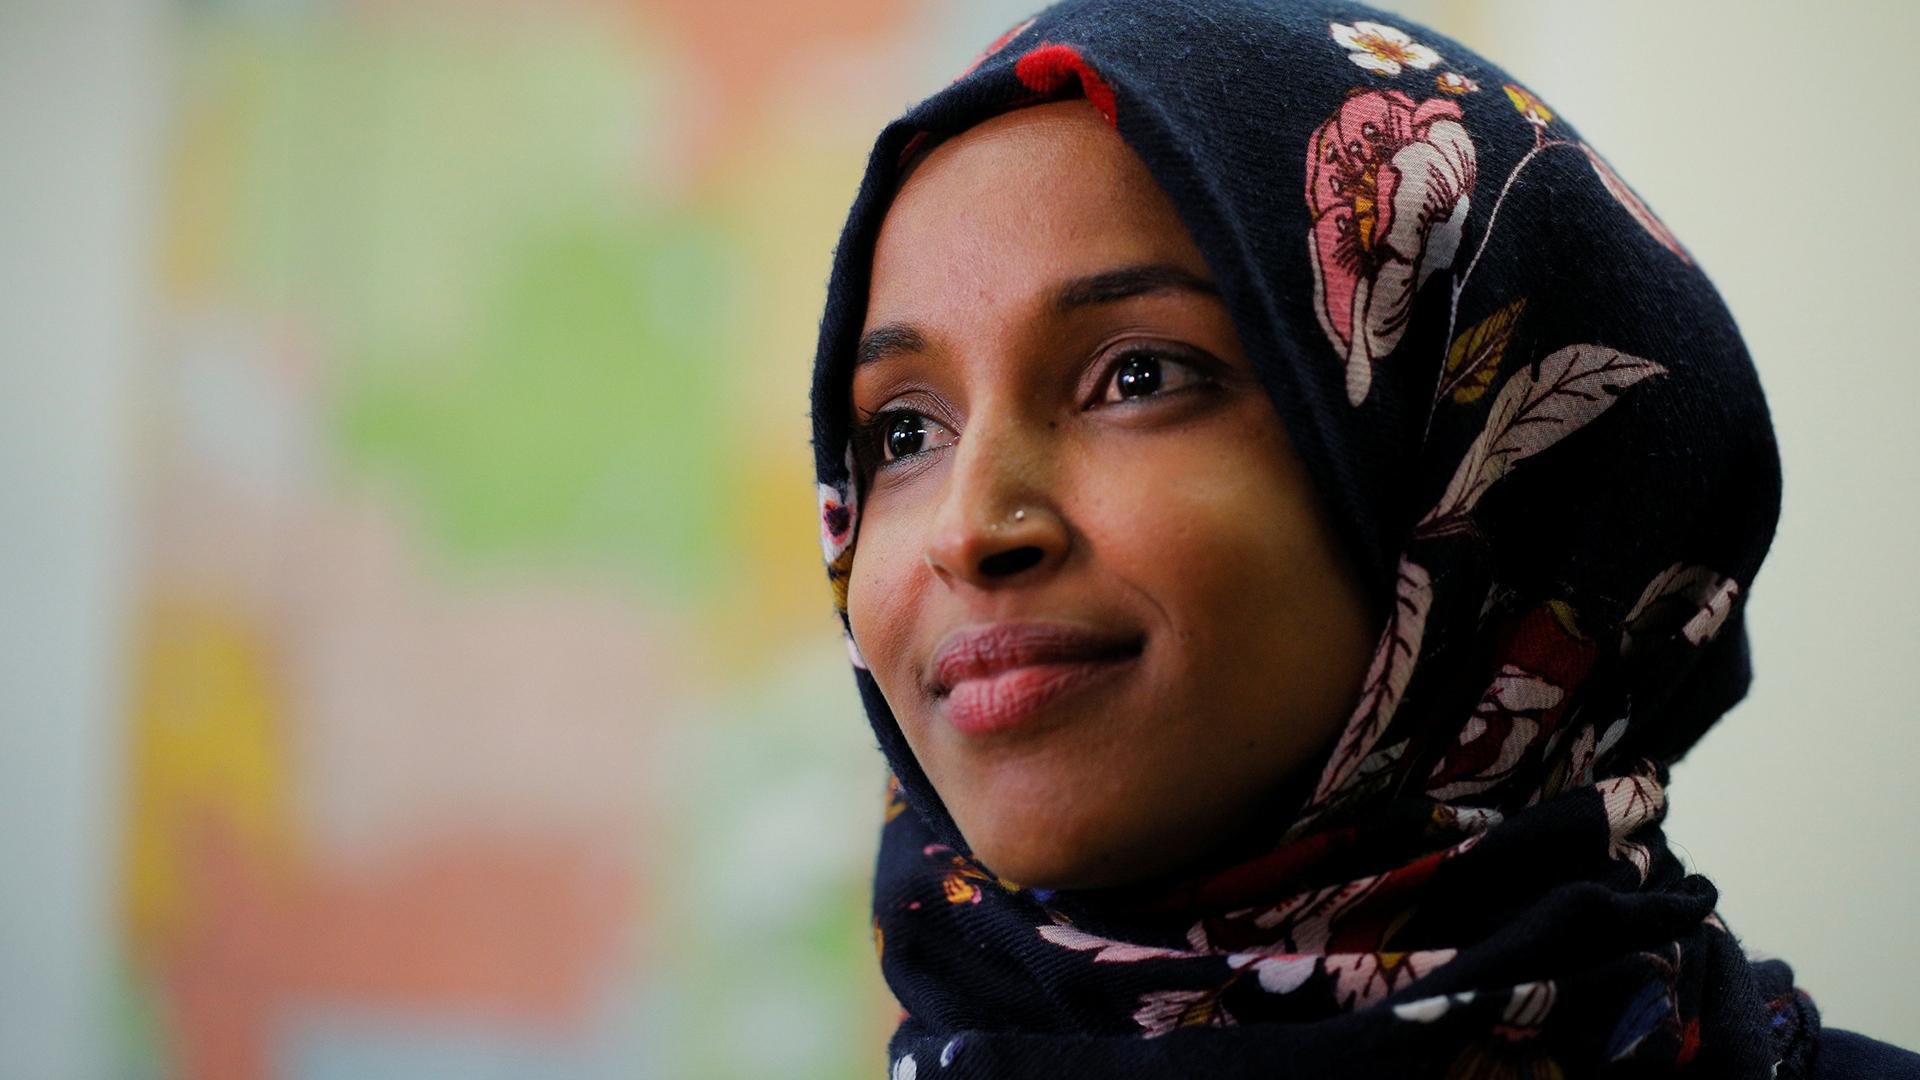 Repulikanski zastupnici u Američkom kongresu su uporedili prvu pokrivenu muslimansku članicu sa teroristima